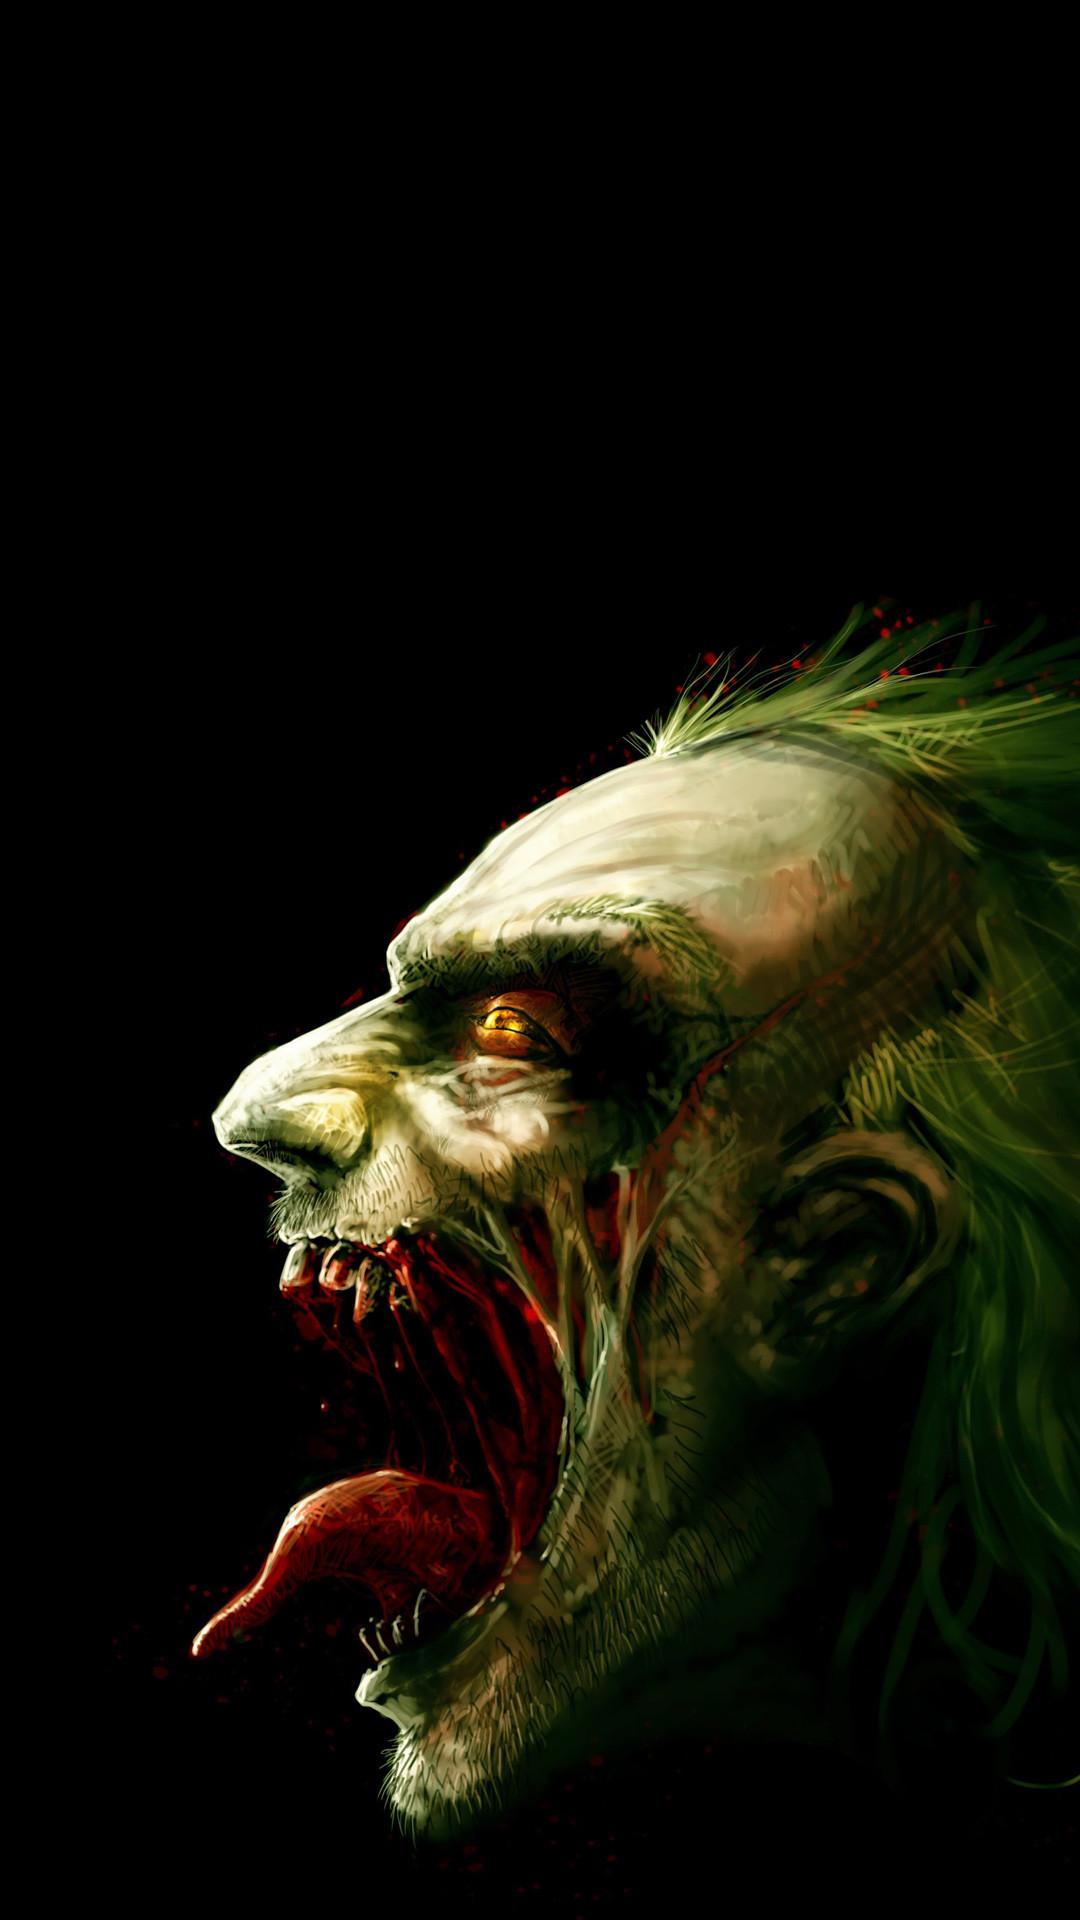 Download Joker Download Wallpaper. iPhone 6 (750×1134) · iPhone 6+  (1080×1920) …